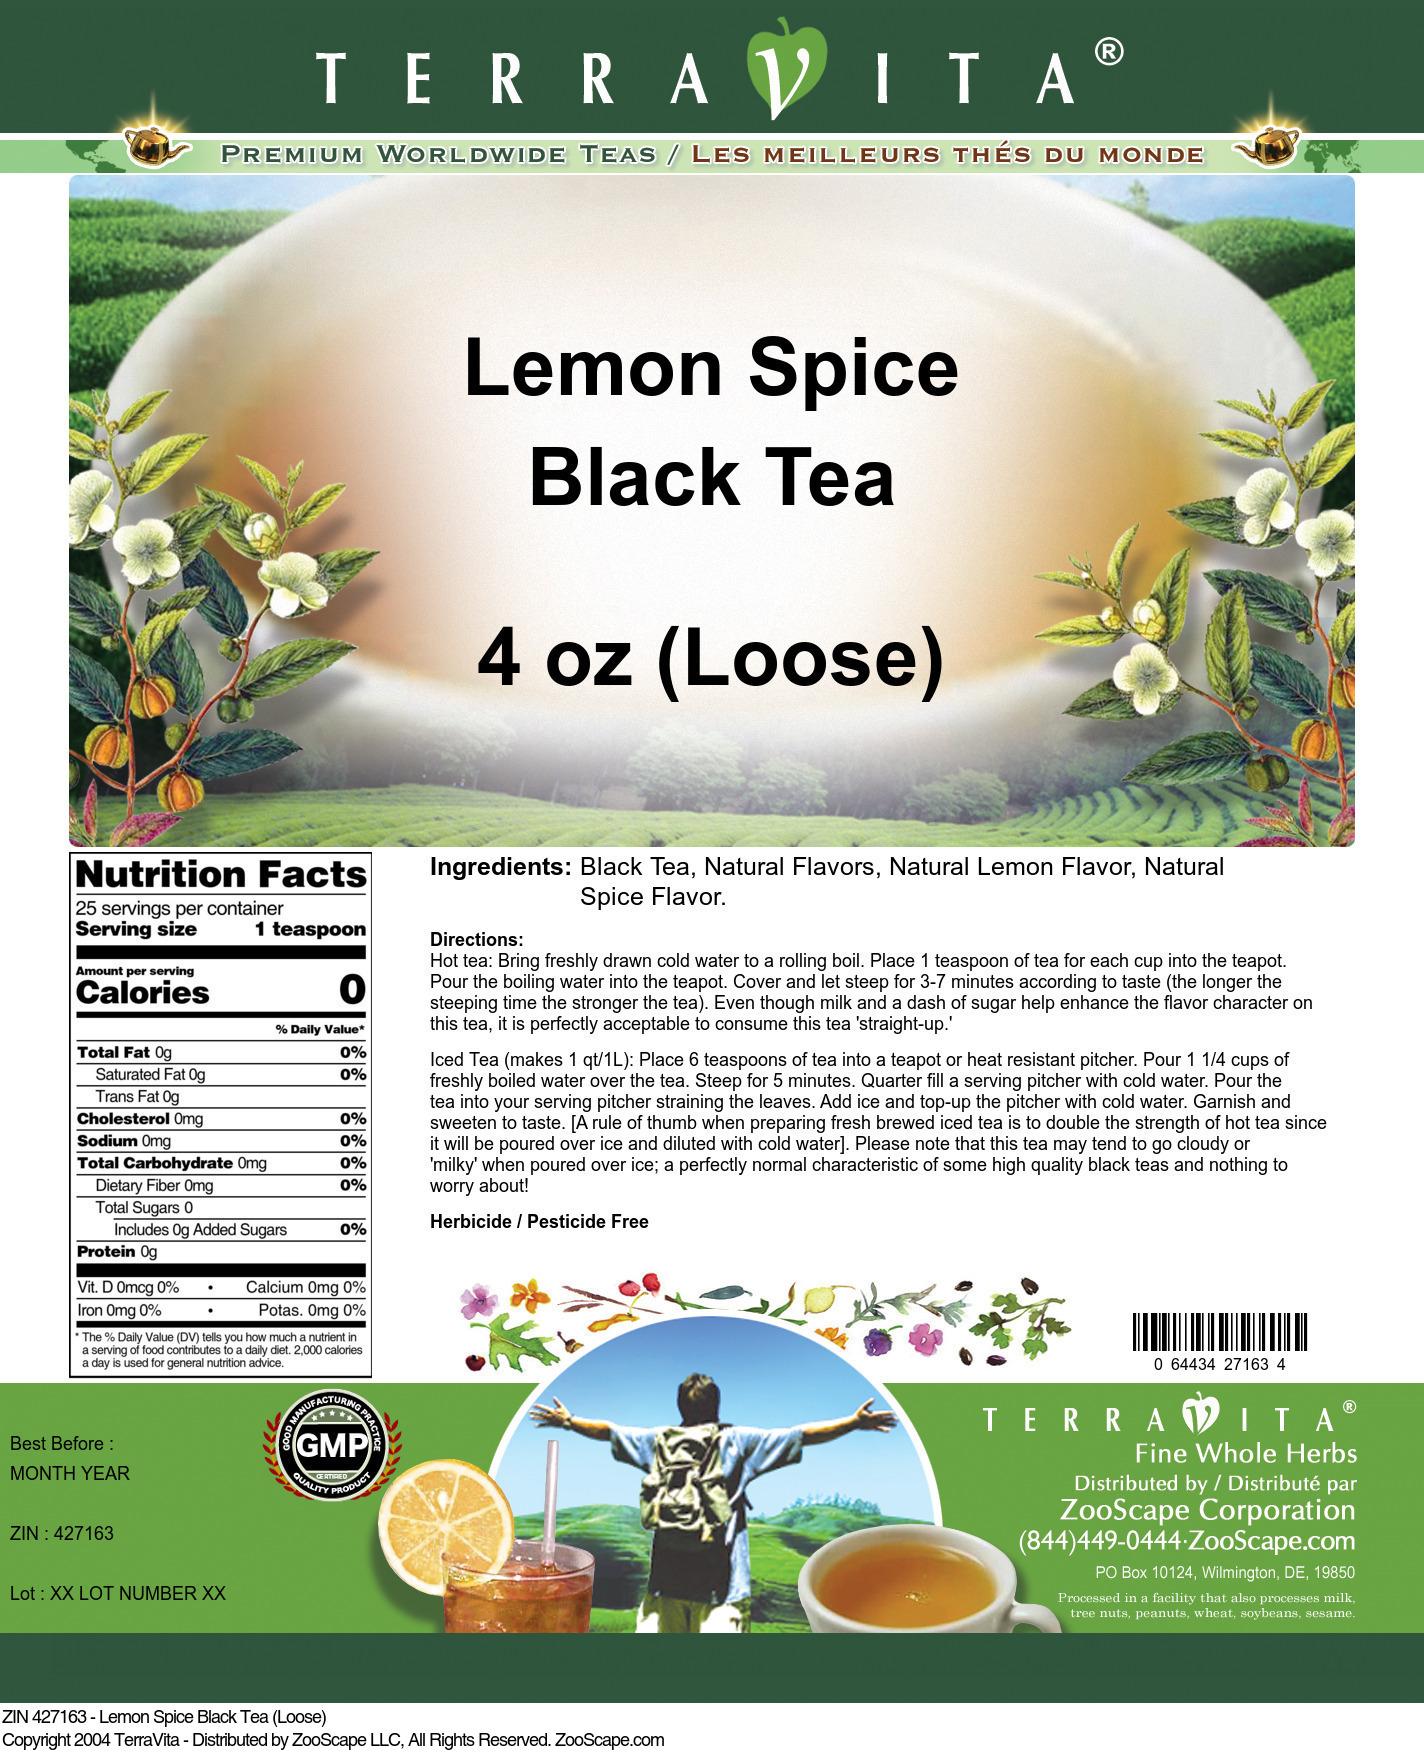 Lemon Spice Black Tea (Loose)